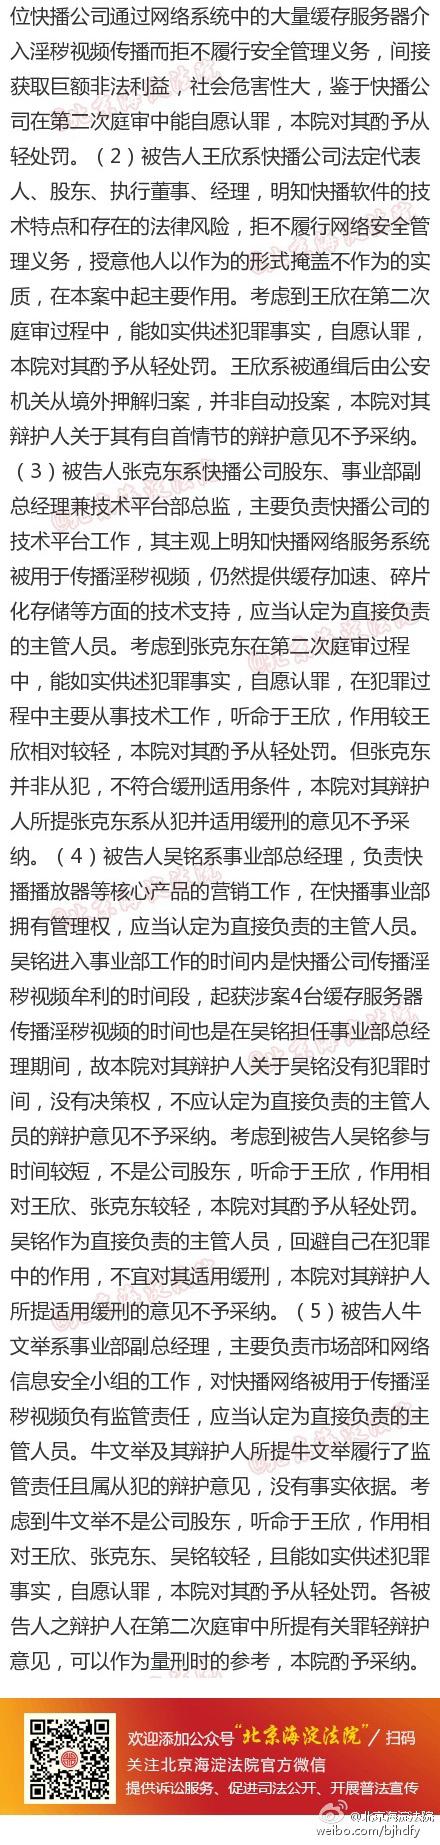 快播涉淫秽案宣判:快播被罚一千万,王欣被判3年半罚一百万